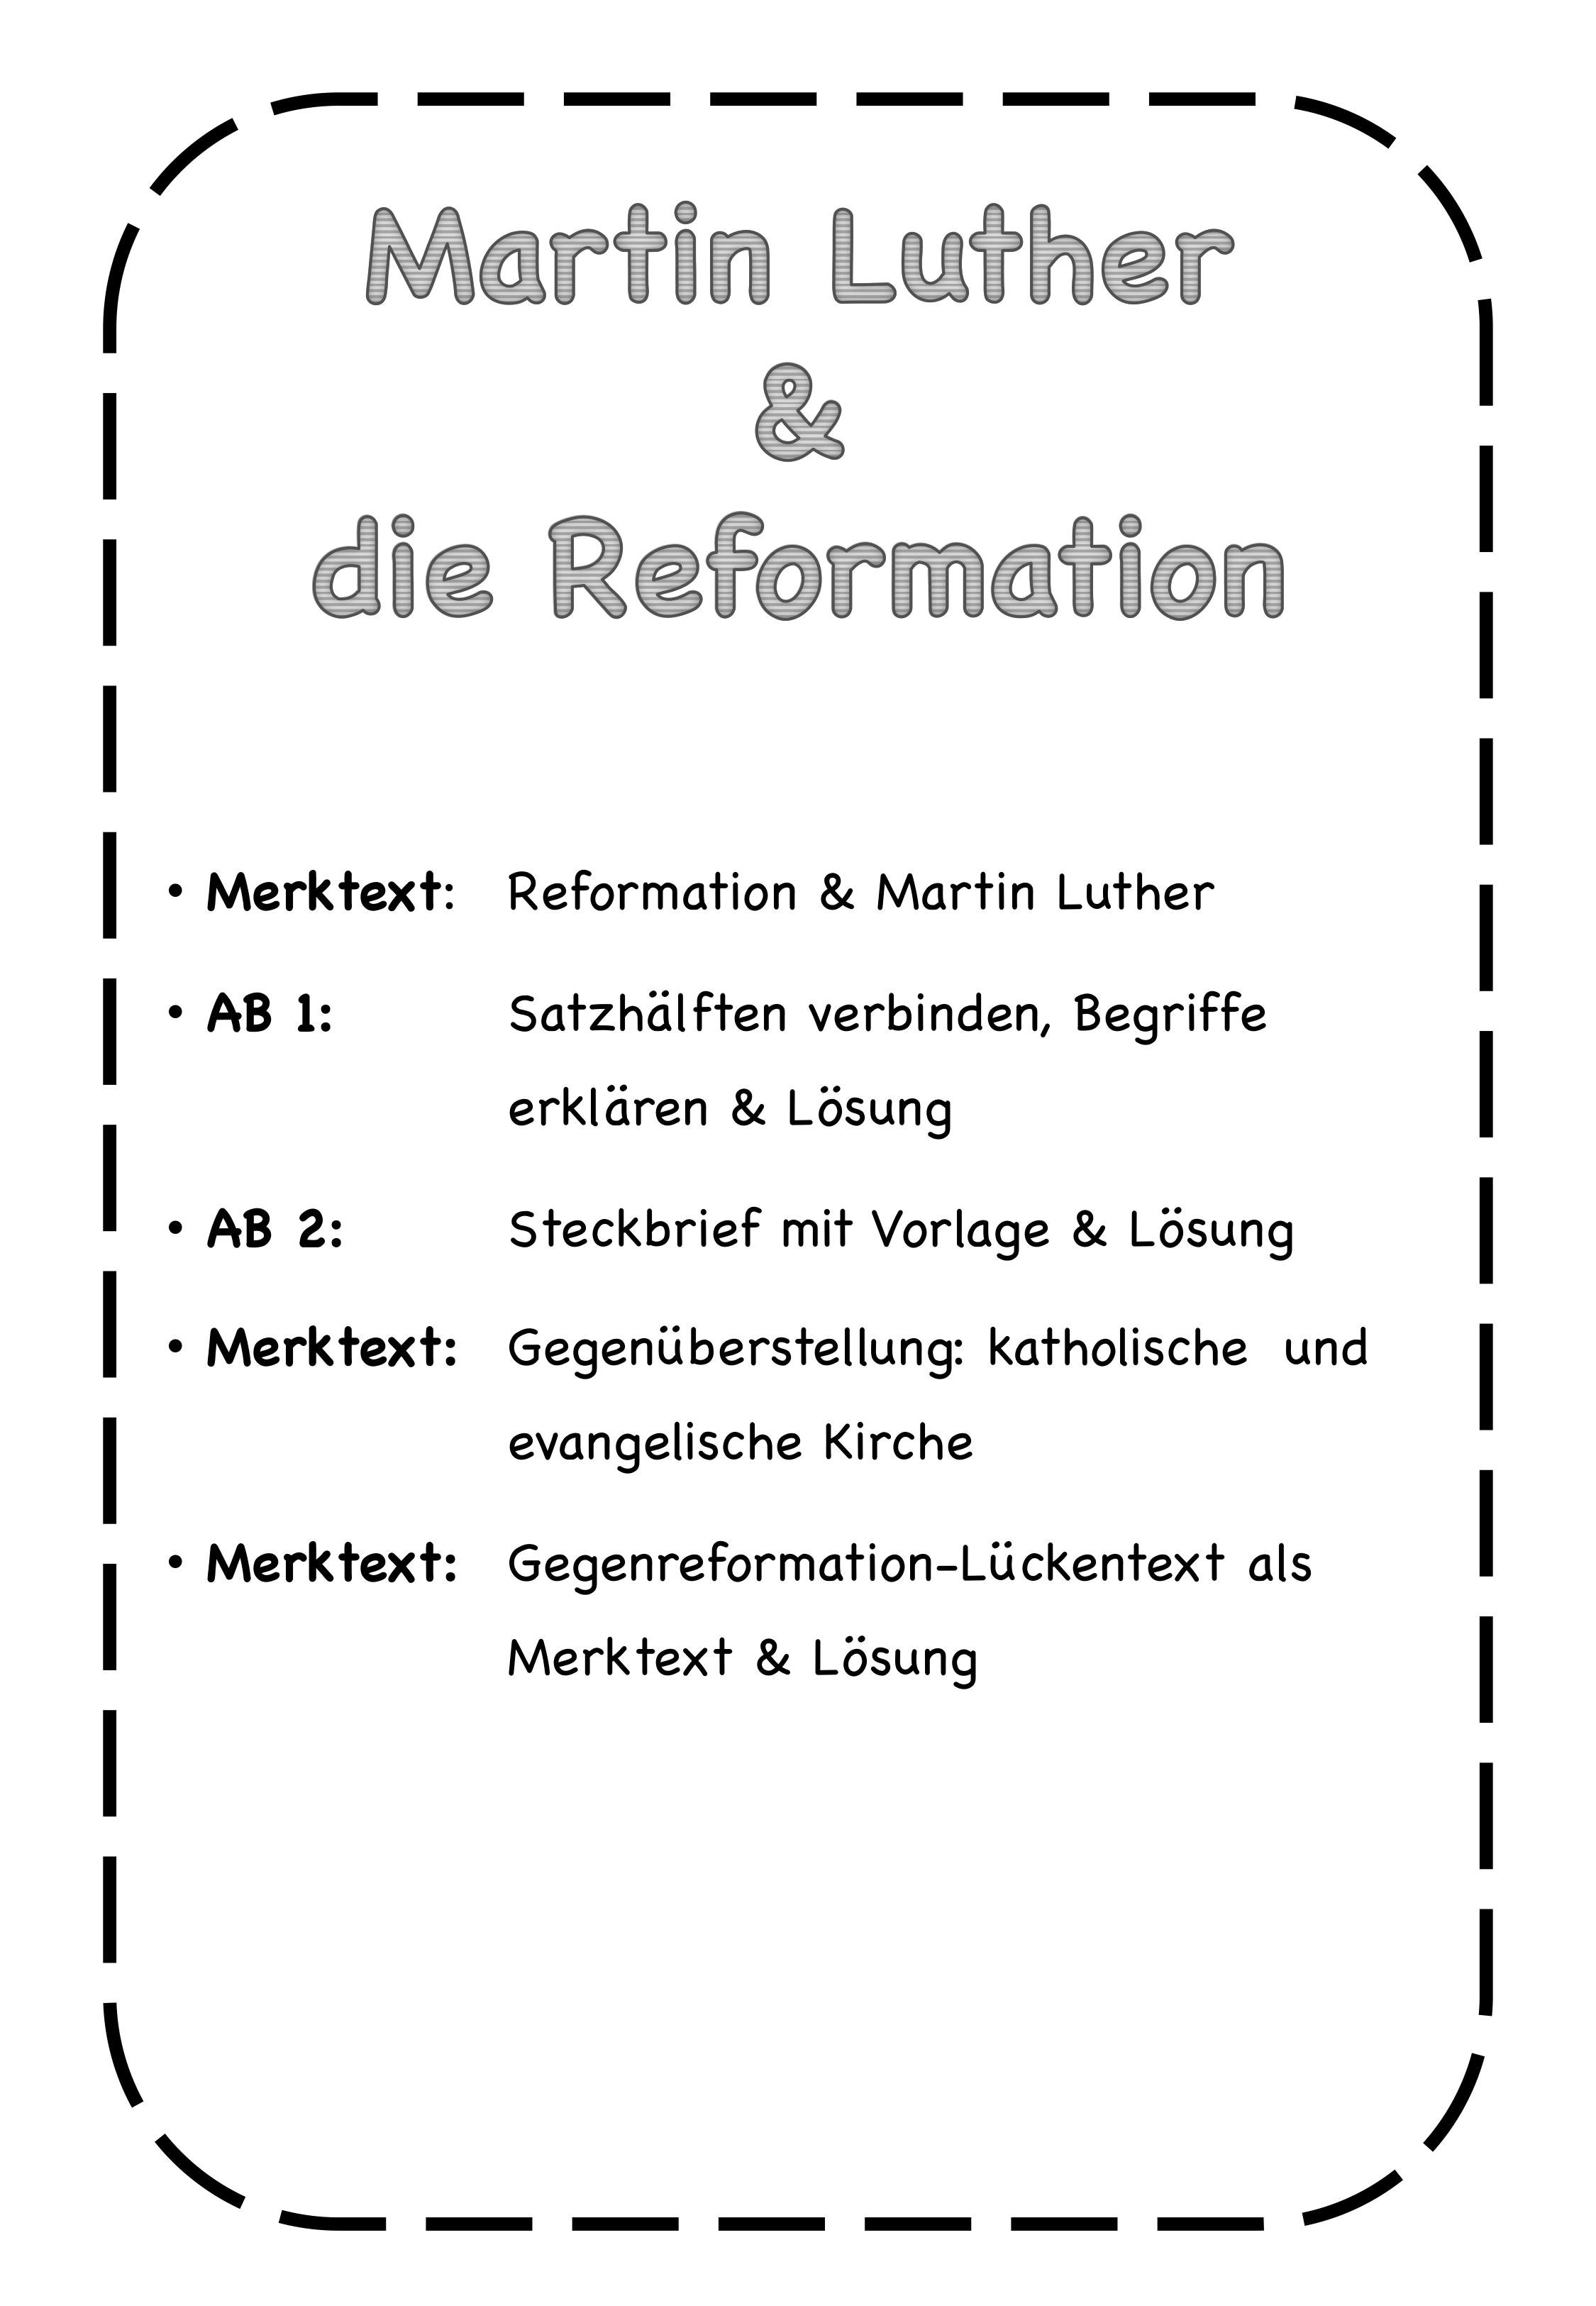 Martin Luther Reformation Gegenreformation Unterrichtsmaterial Im Fach Geschichte Martin Luther Luther Martin Luther Steckbrief